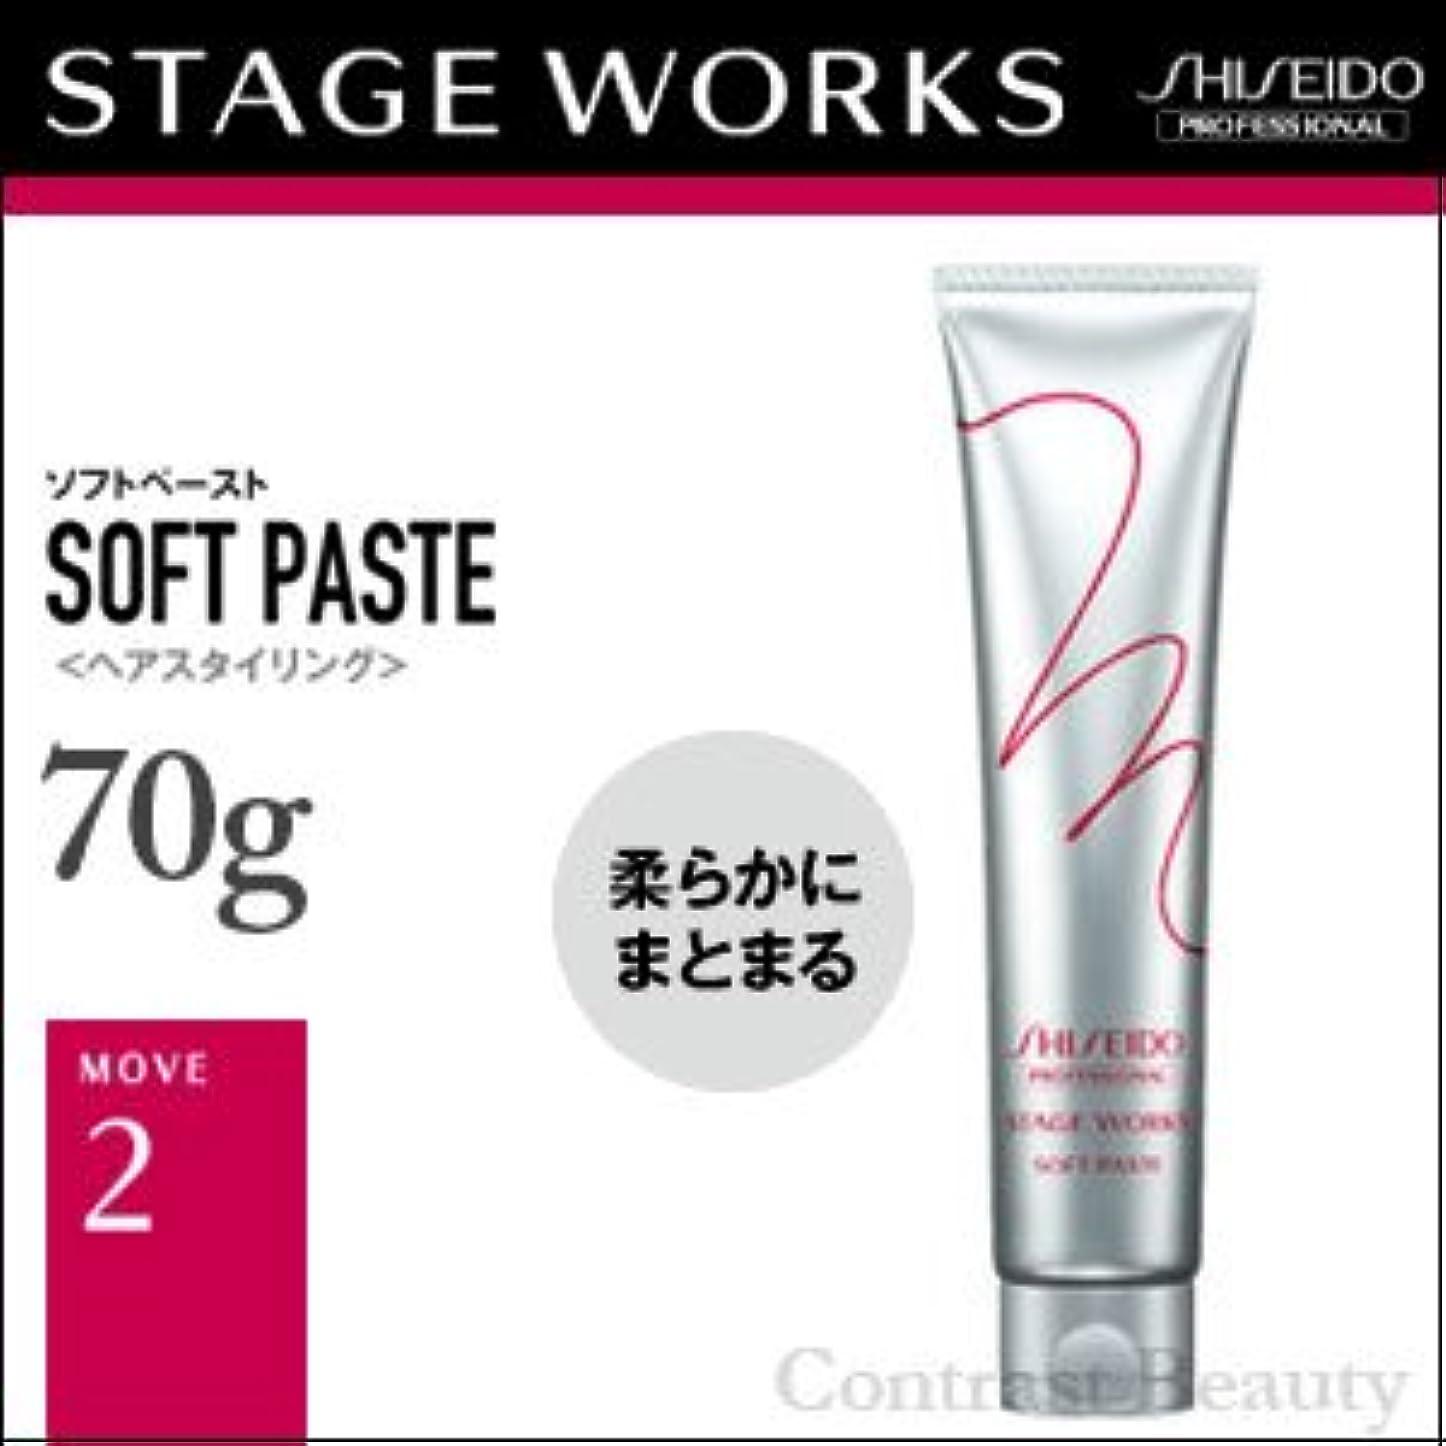 劇場成果指令【x3個セット】 資生堂 ステージワークス ムーブ2 ソフトペースト 70g